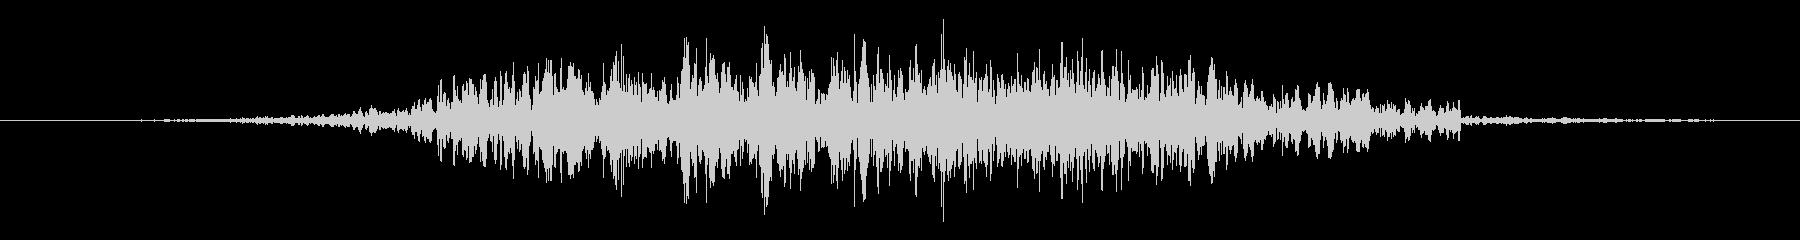 高速フラッターフーシュ1の未再生の波形